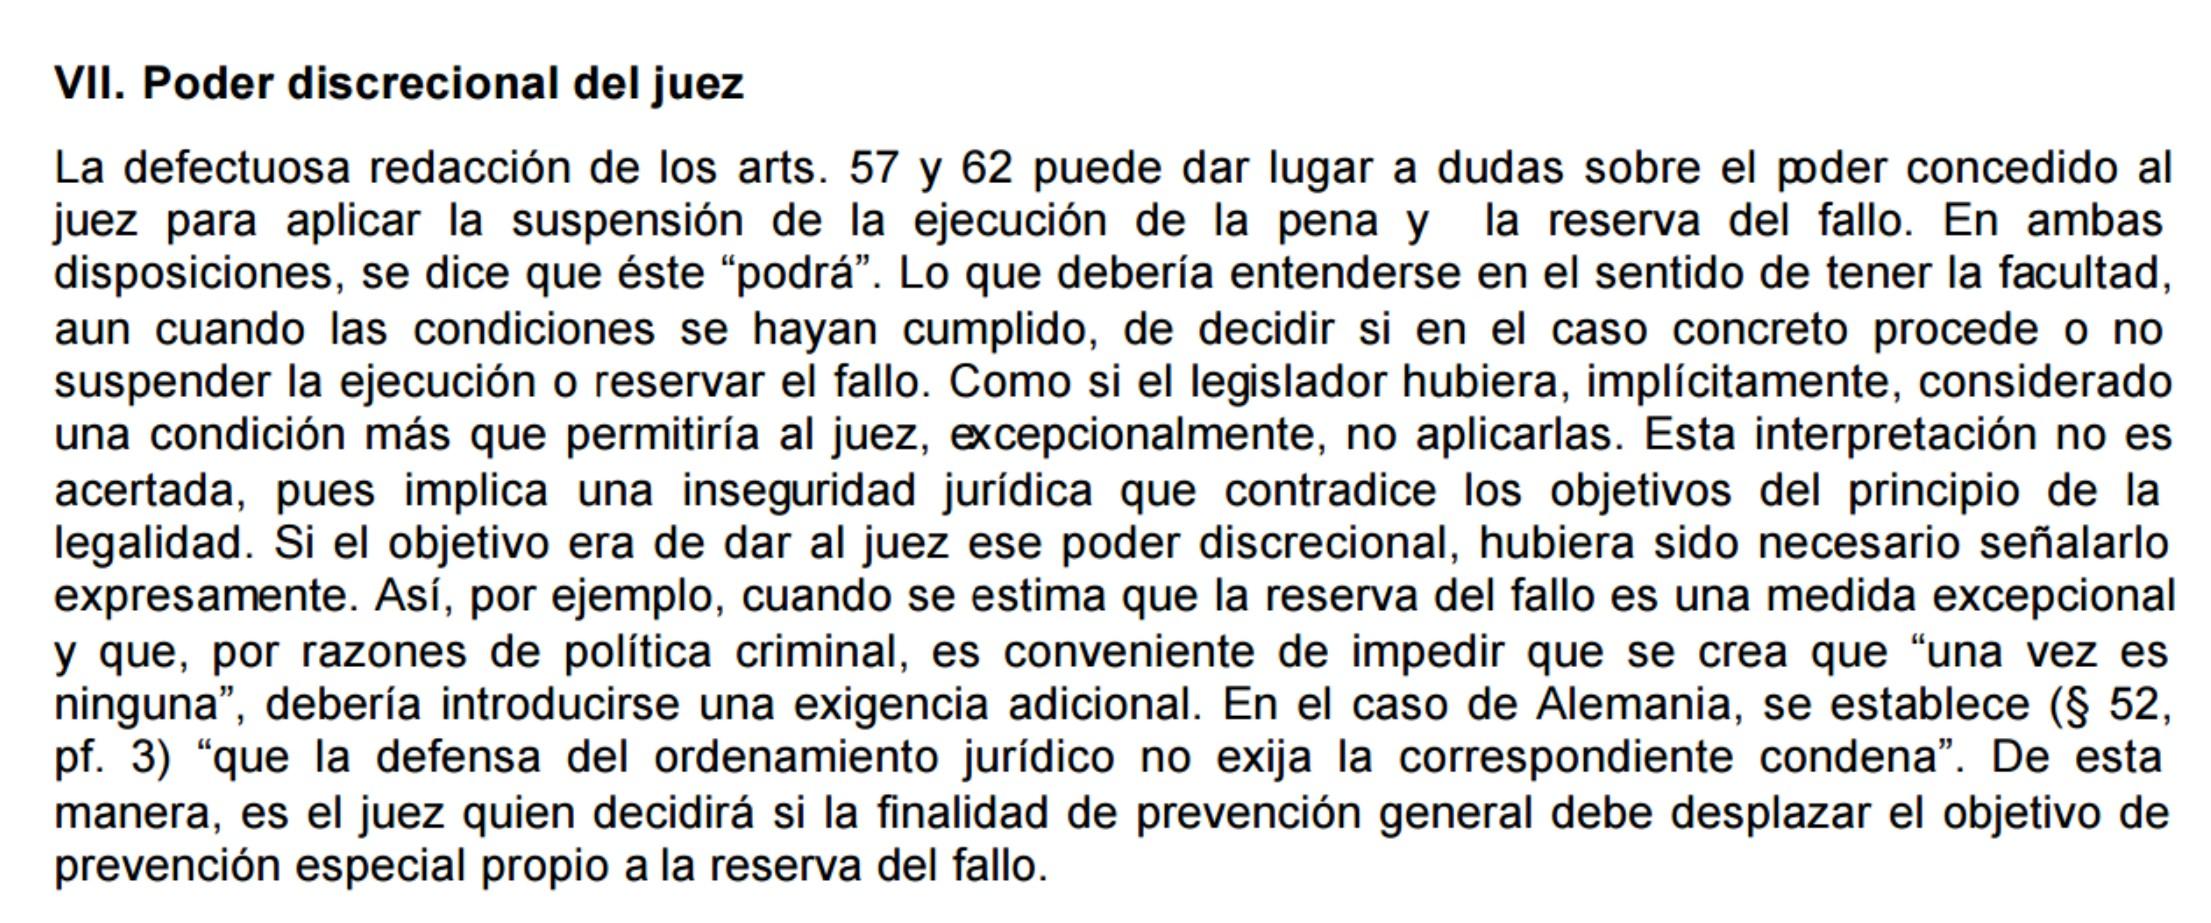 Texto original del profesor Jose Hurtado Pozo